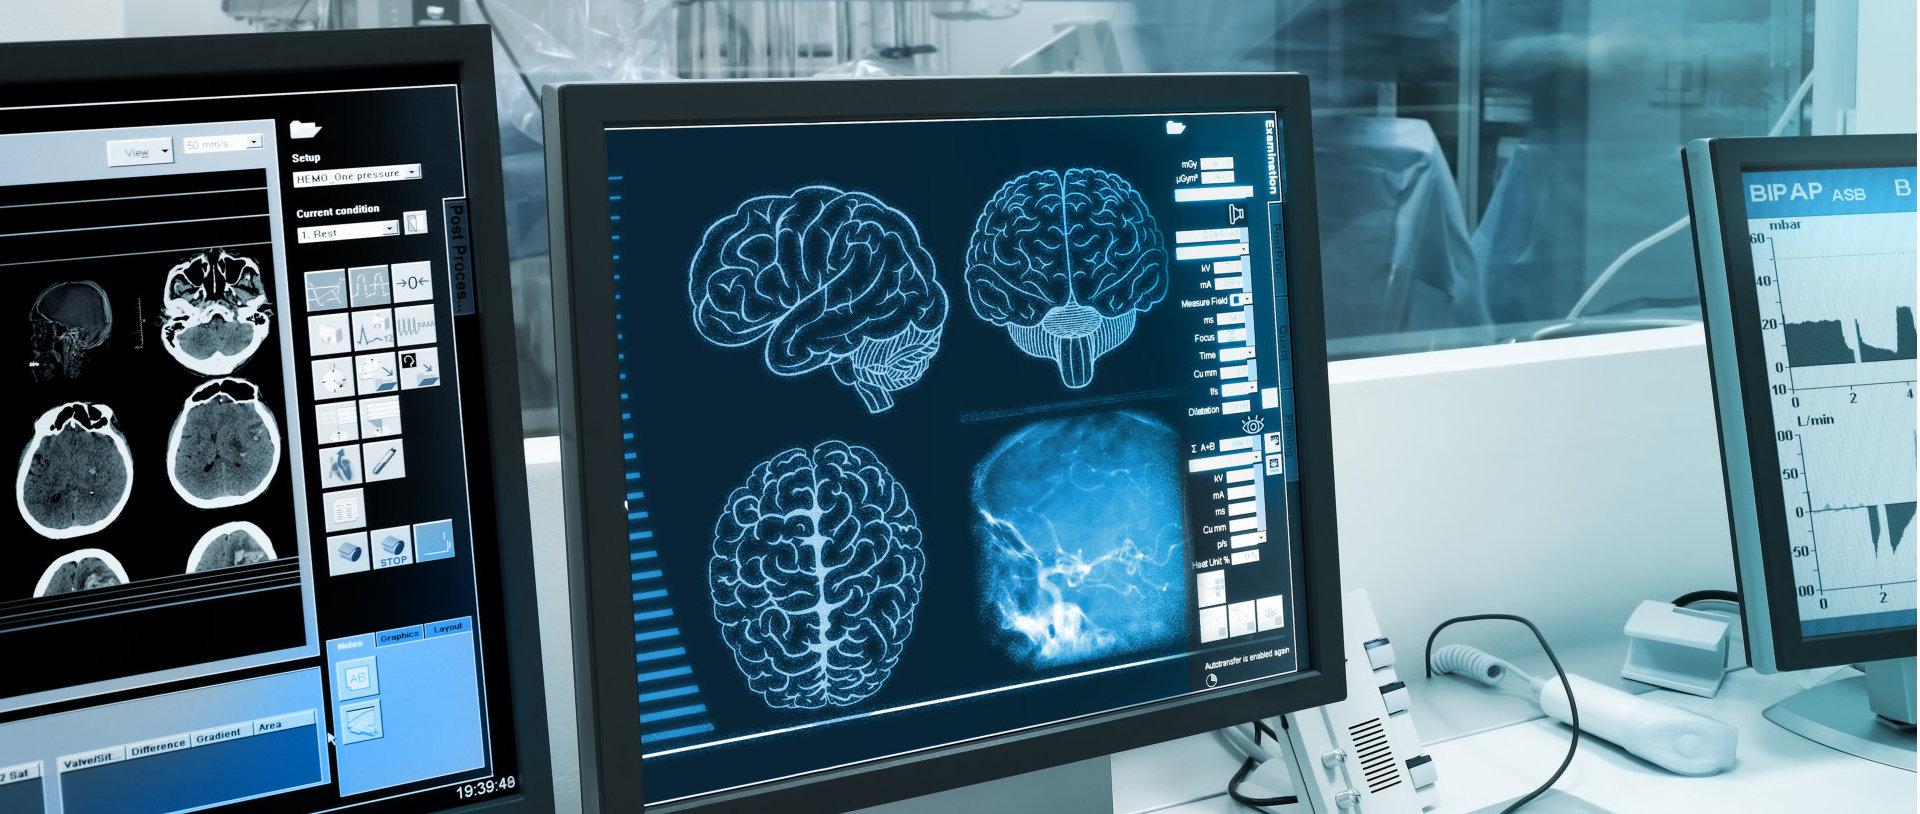 brain scan monitor